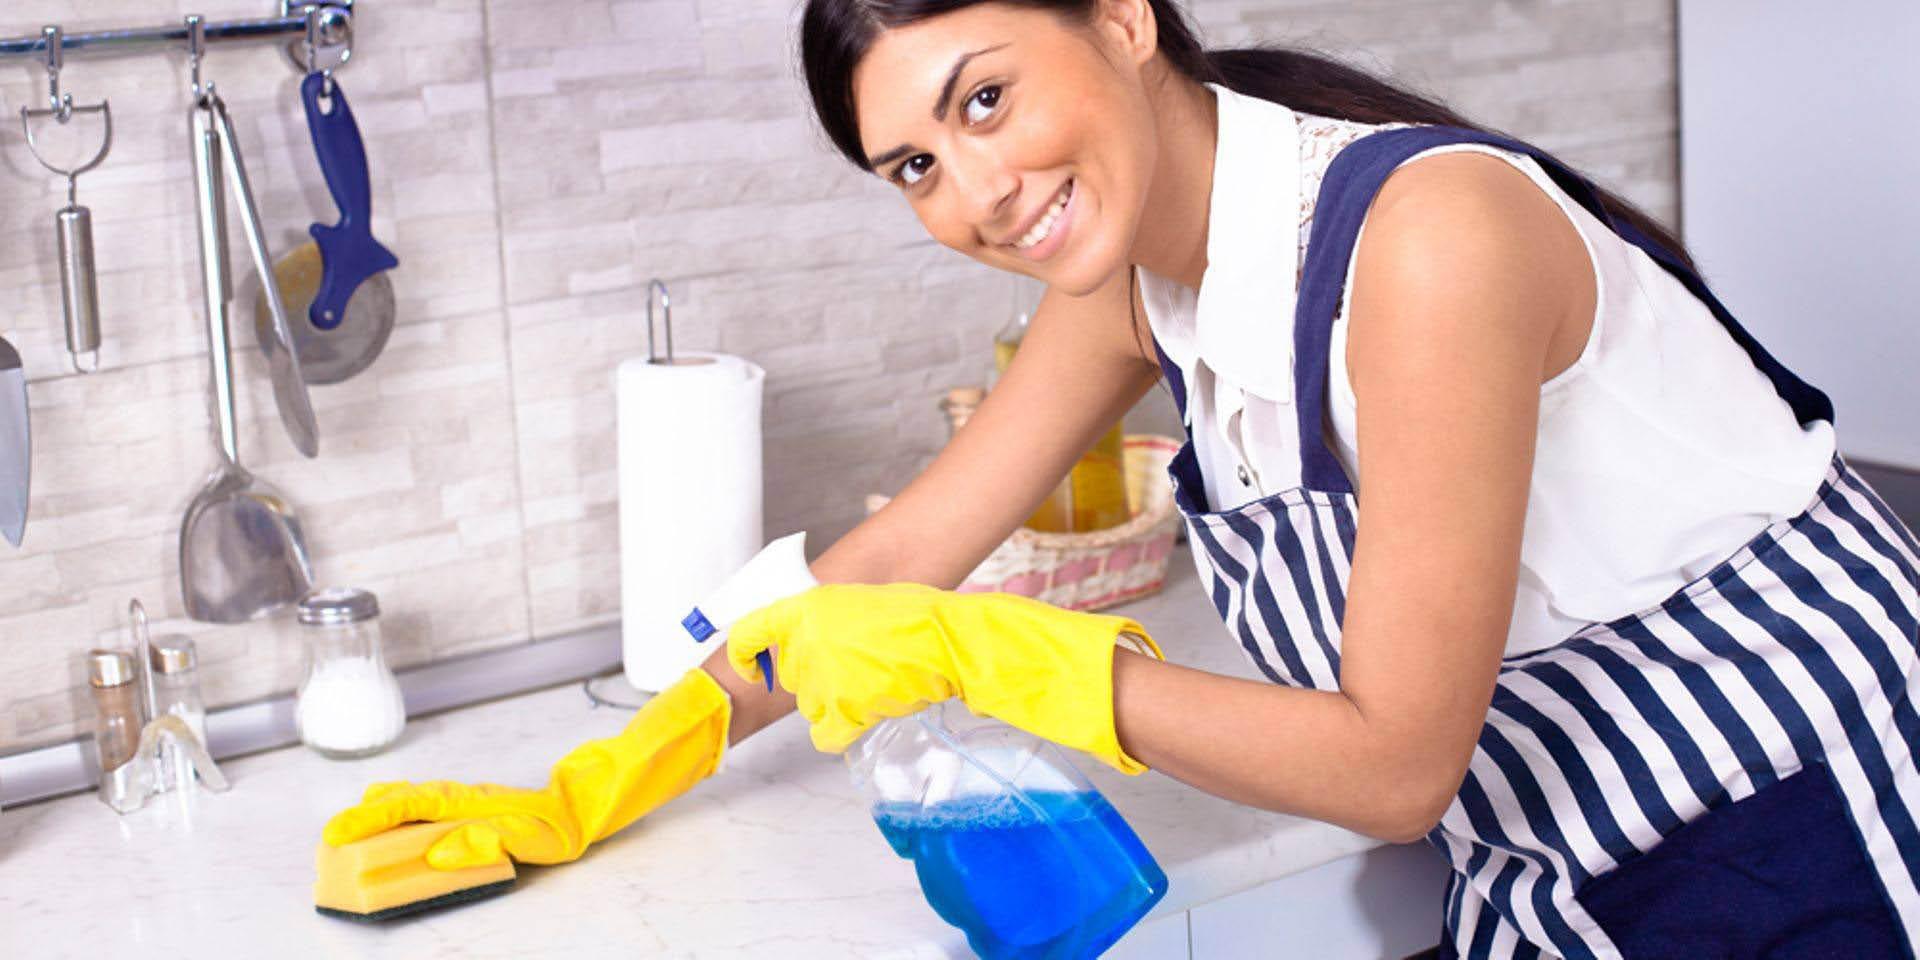 We clean kitchen countertops and bathroom vanities